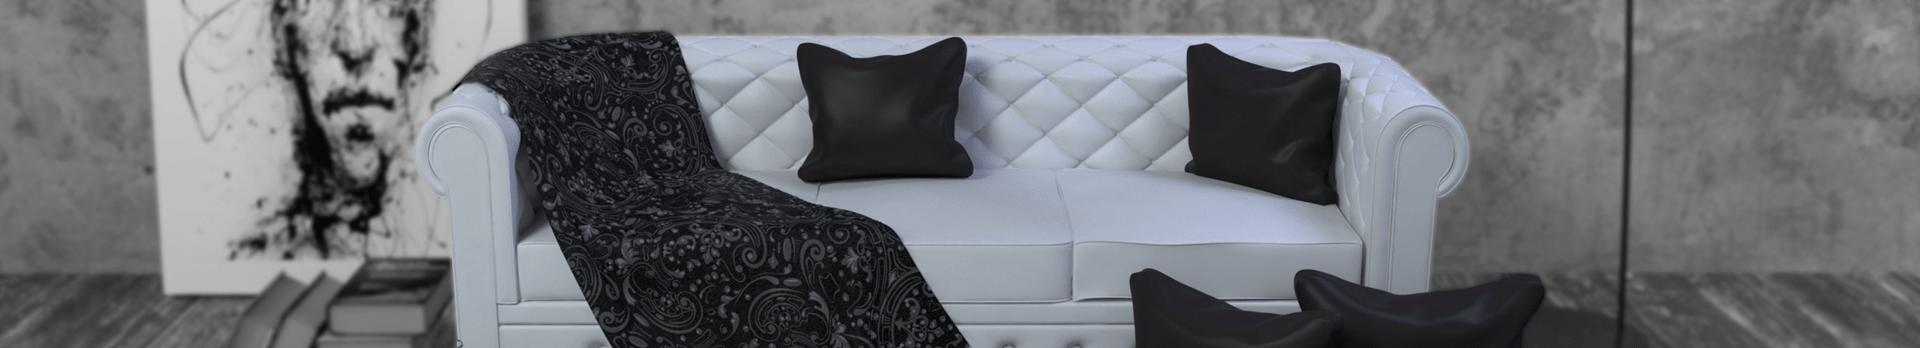 Sofás Modernos y de Diseño Online | Calidad Única |   Mobelfy ®